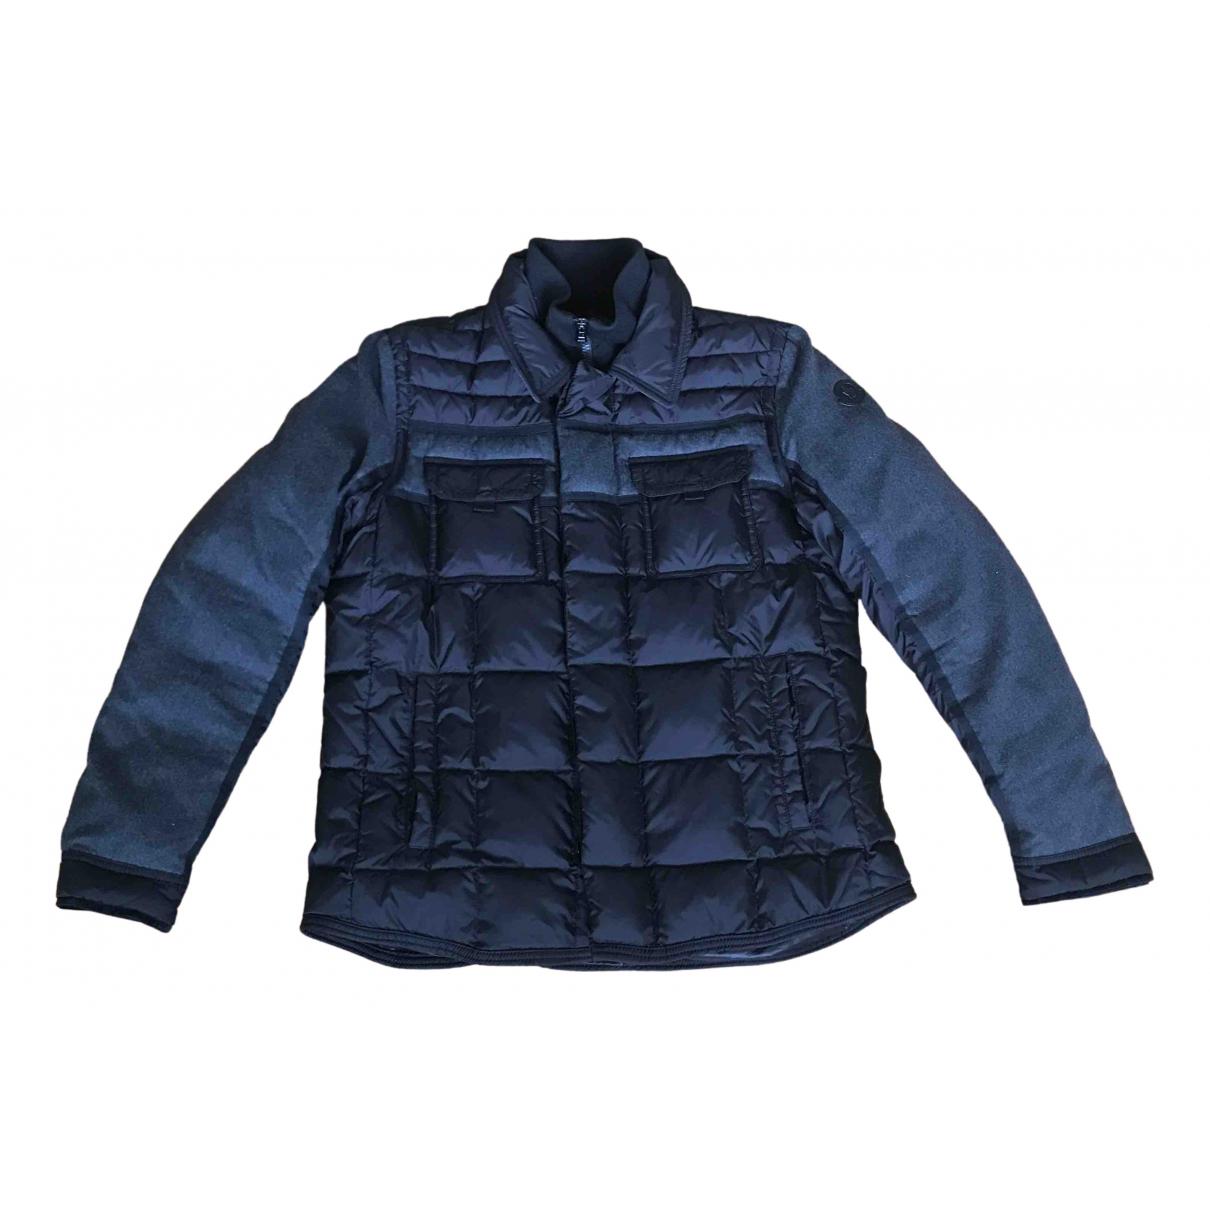 Moncler Classic Black jacket  for Men 4 0 - 6